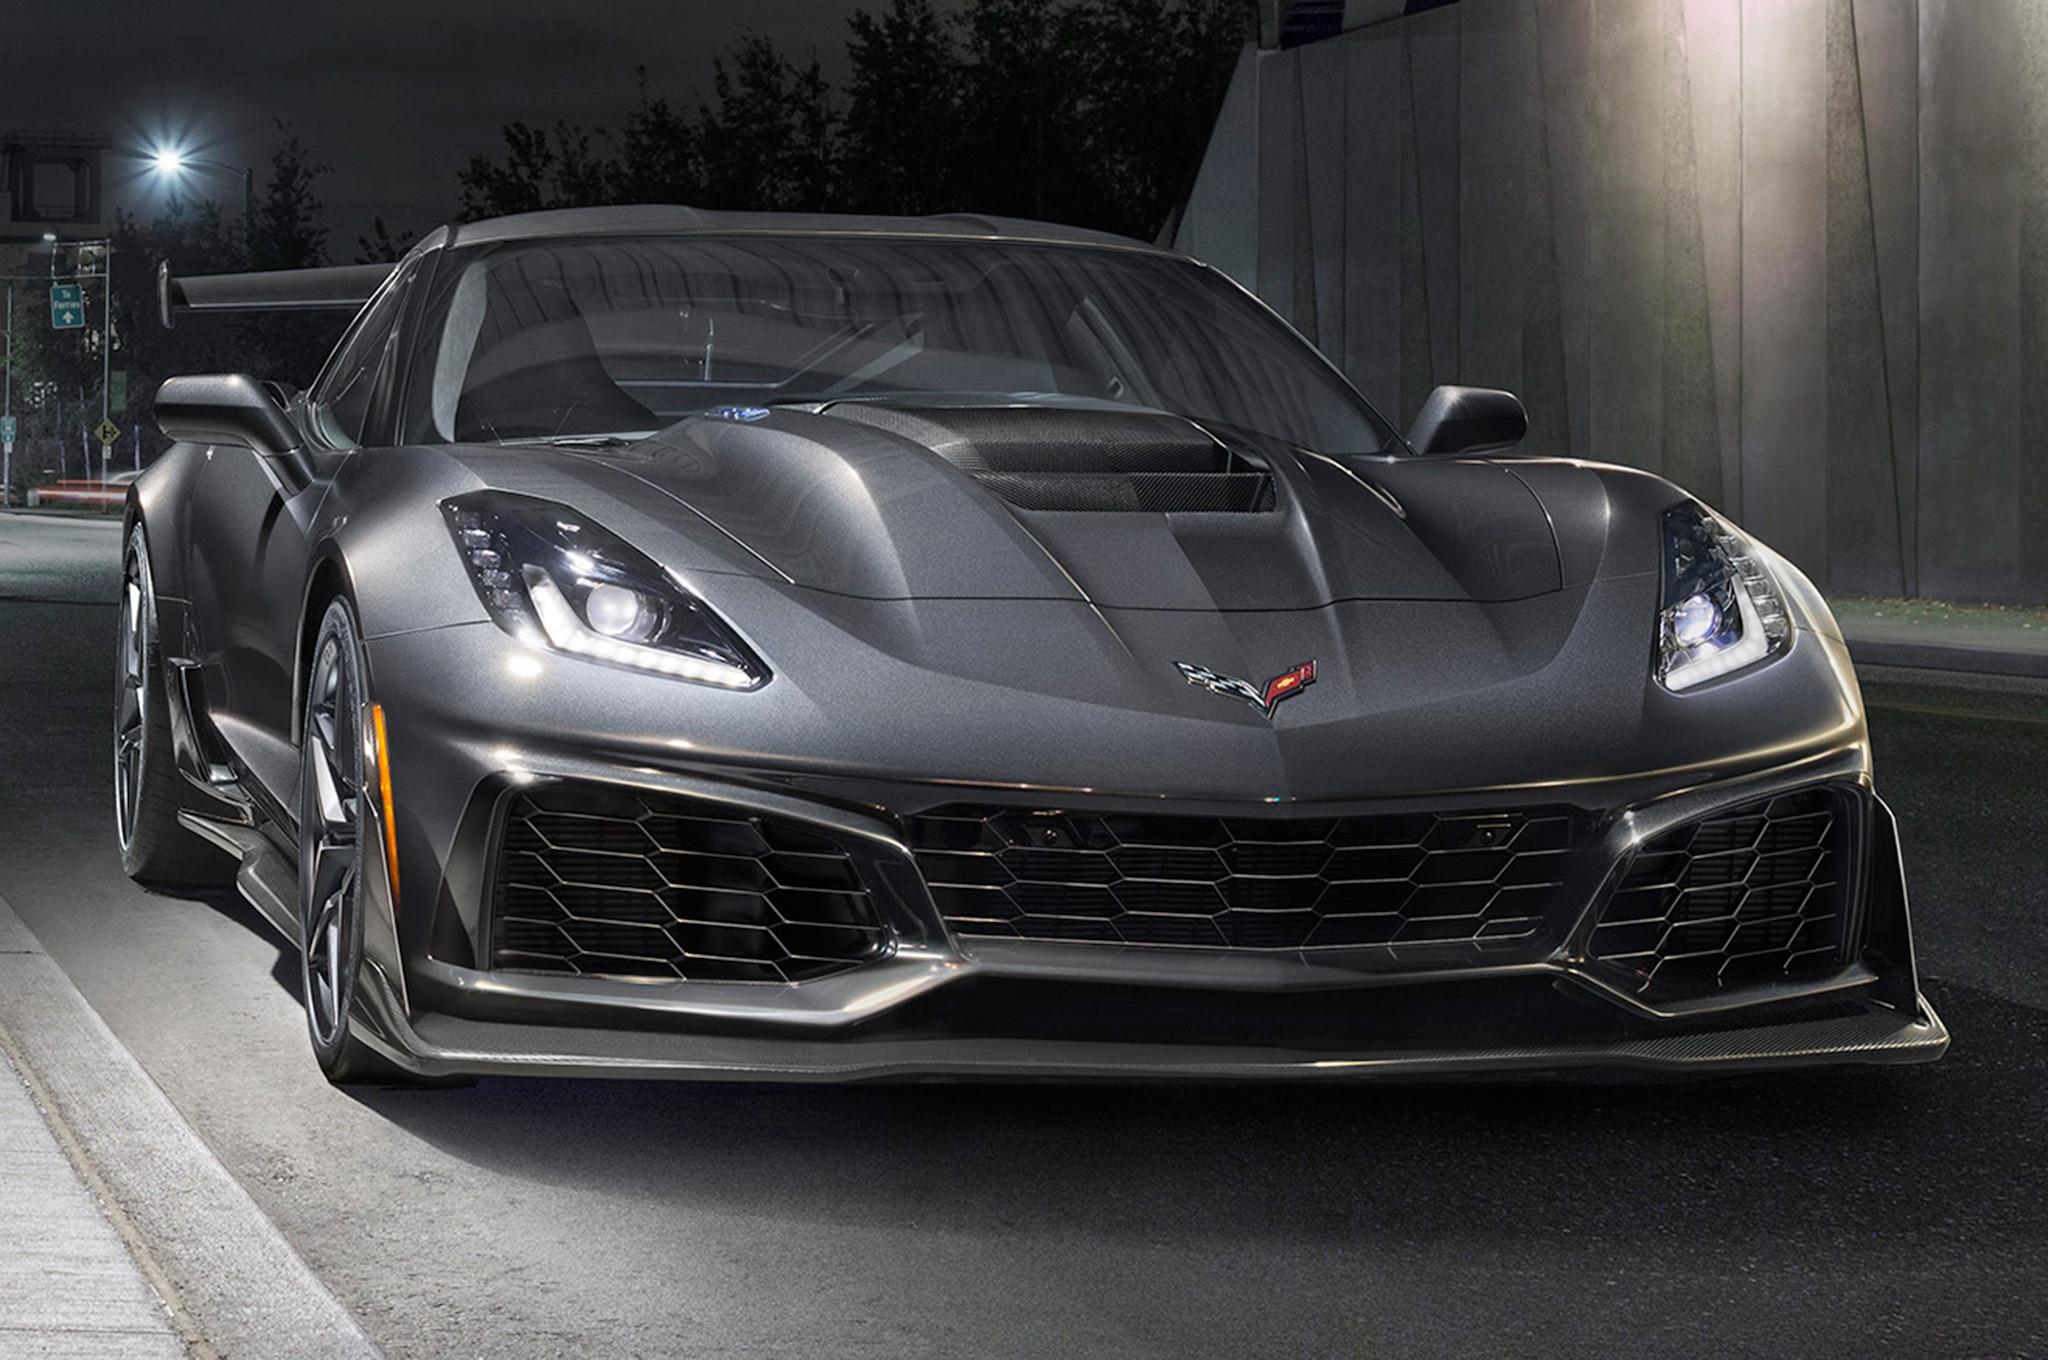 2019 Chevrolet Corvette ZR1 Front View